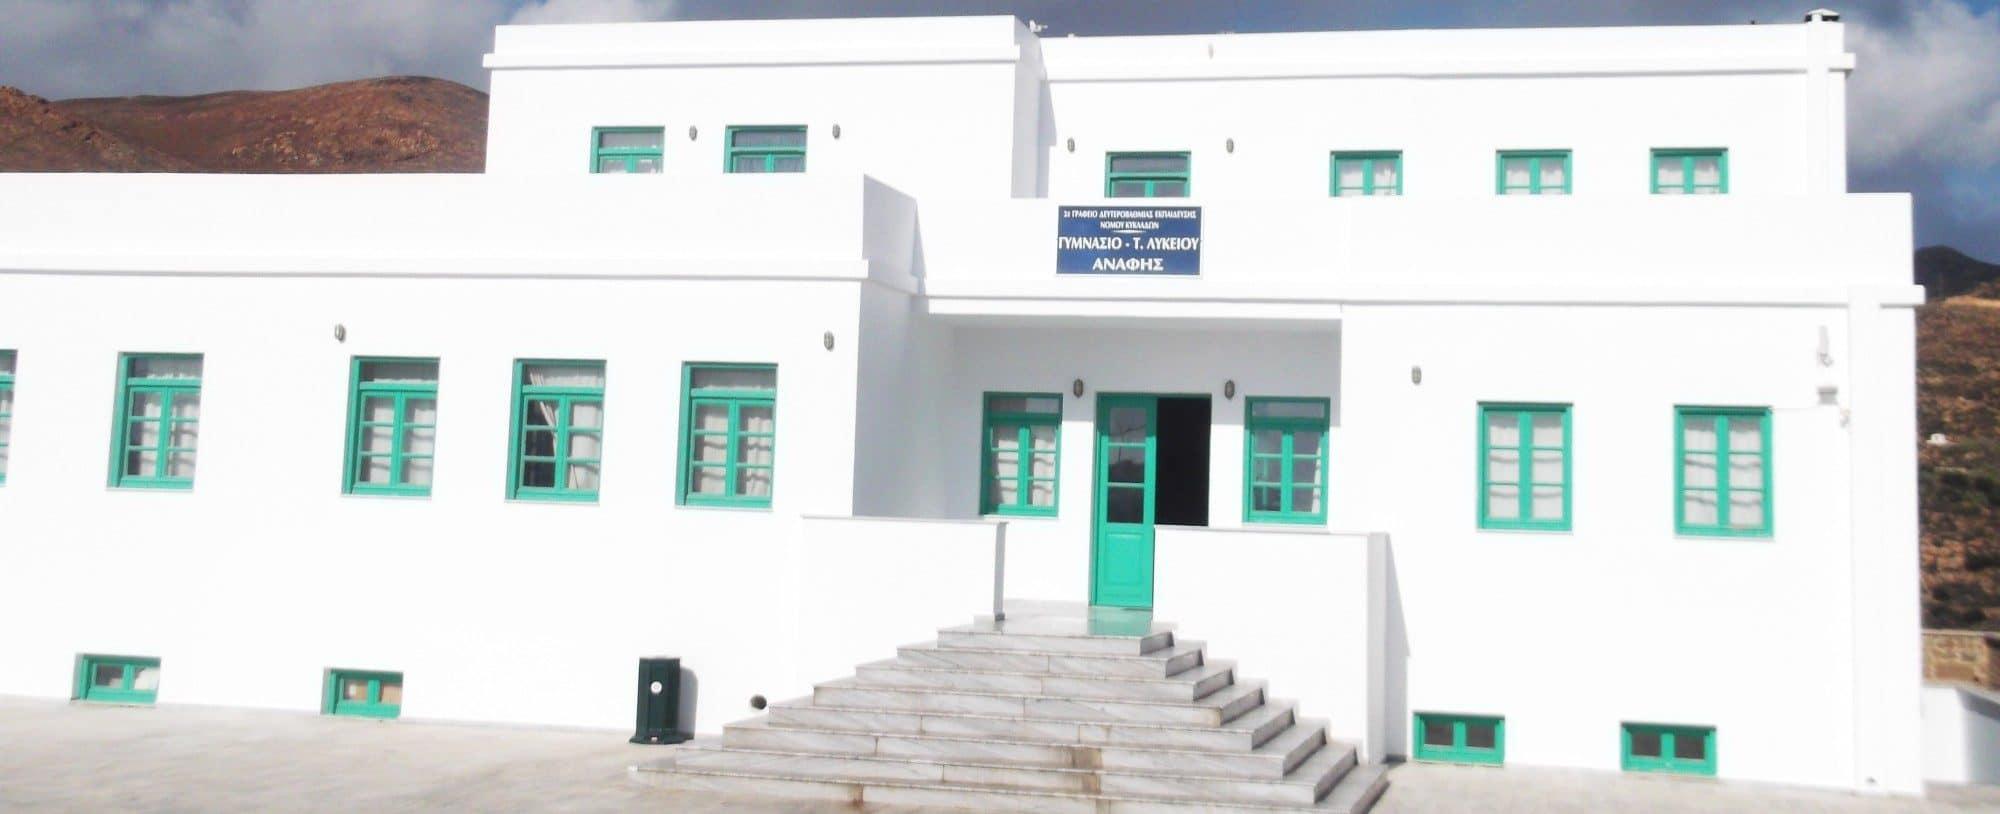 Γυμνάσιο-Τάξεις Λυκείου Ανάφης